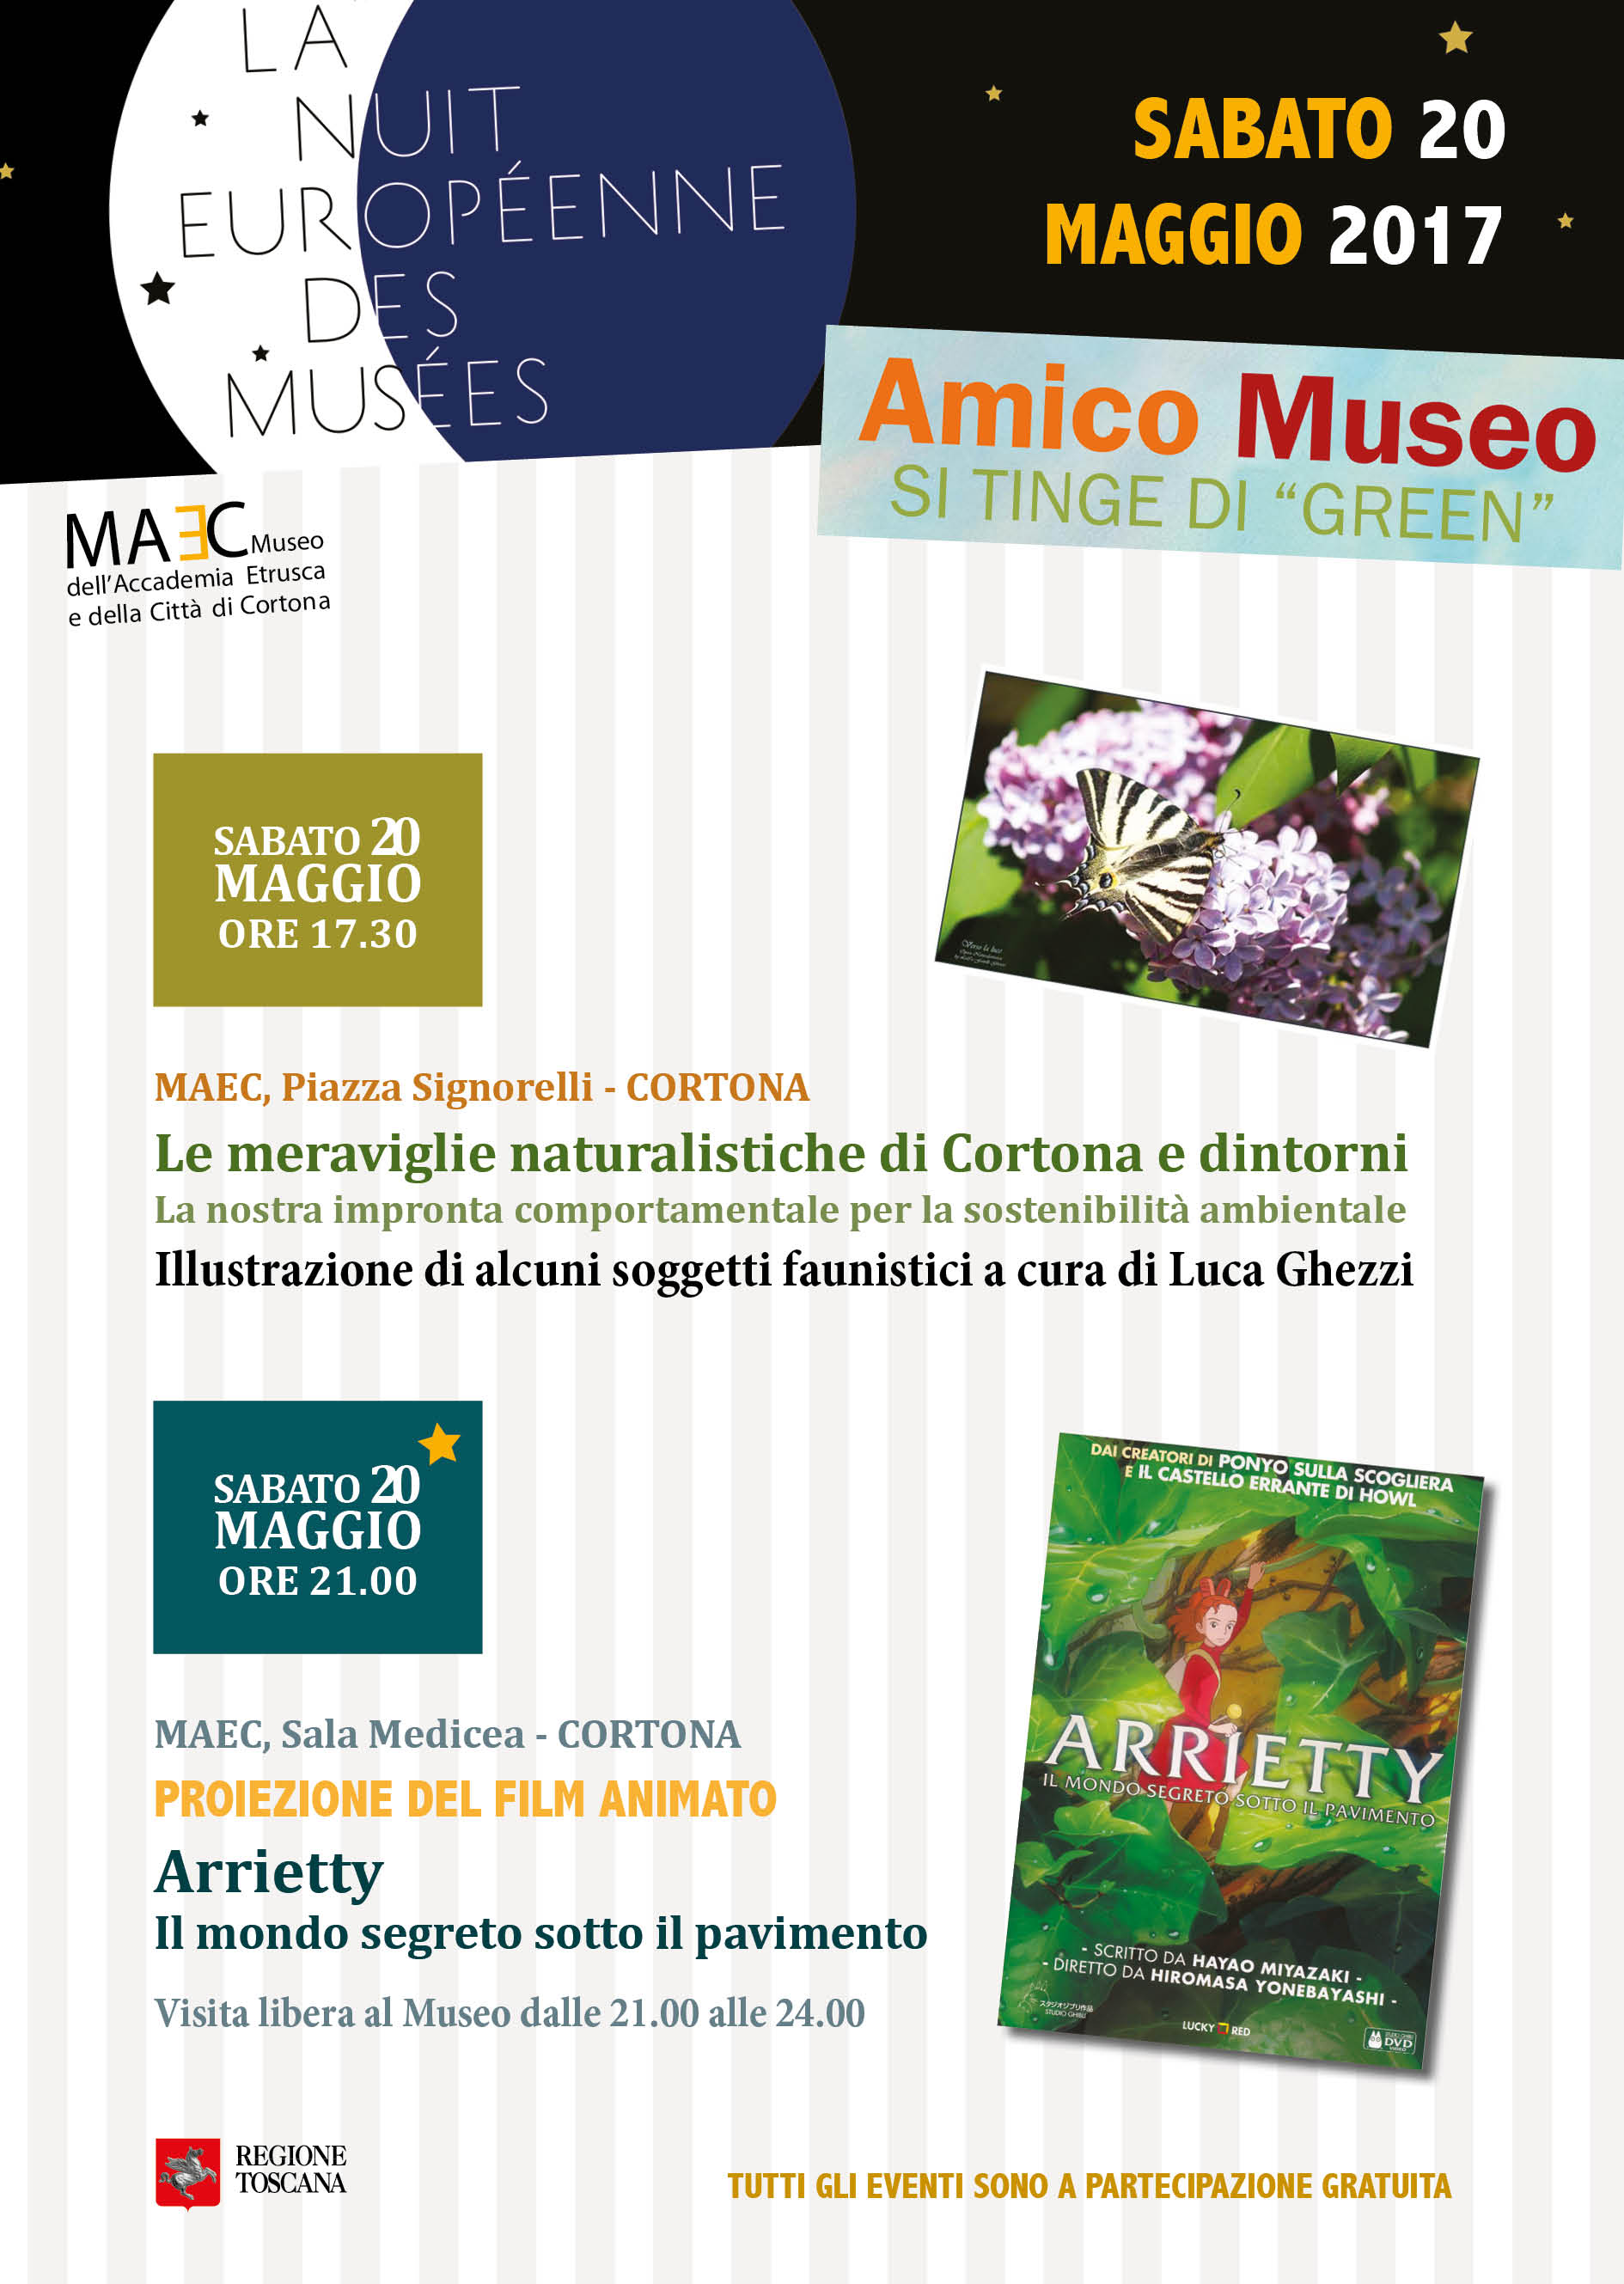 Accademia Etrusca di Cortona | Amico museo 2017